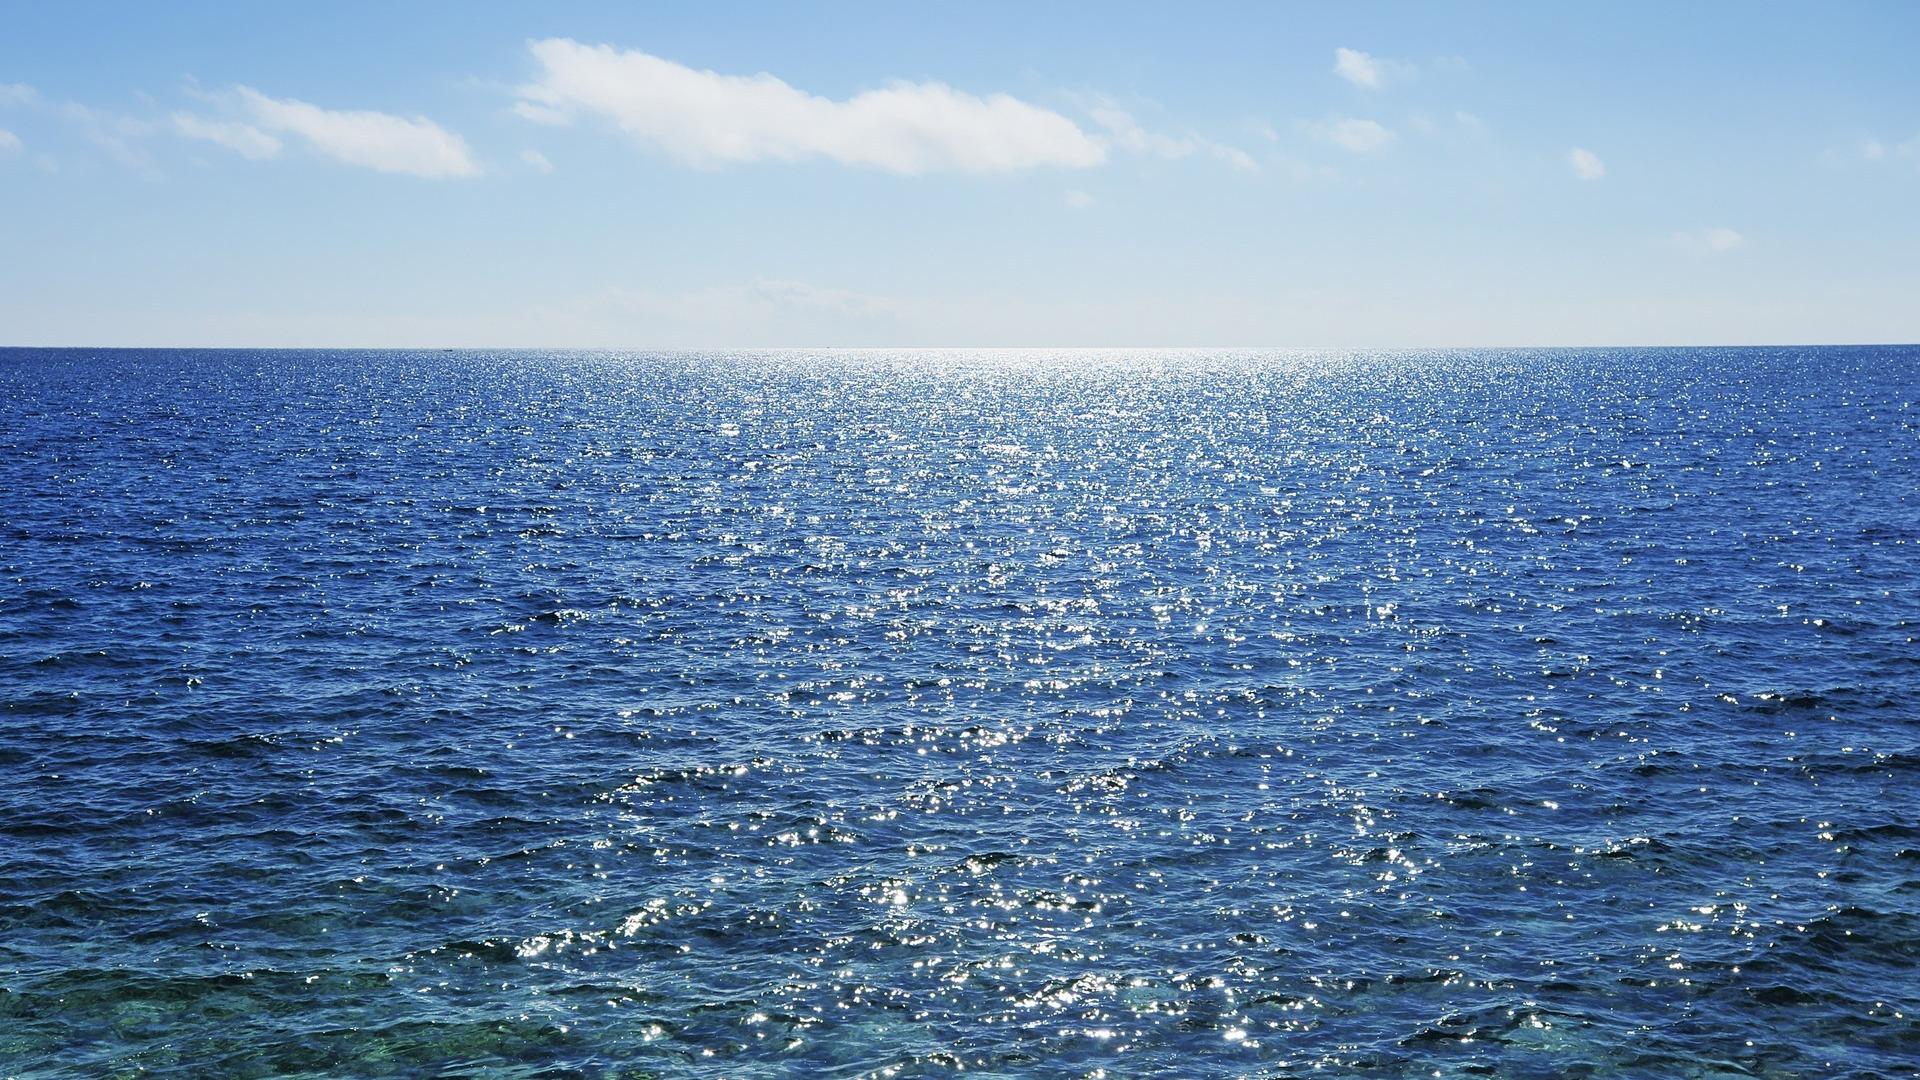 Горизонт над морем  № 274291 бесплатно